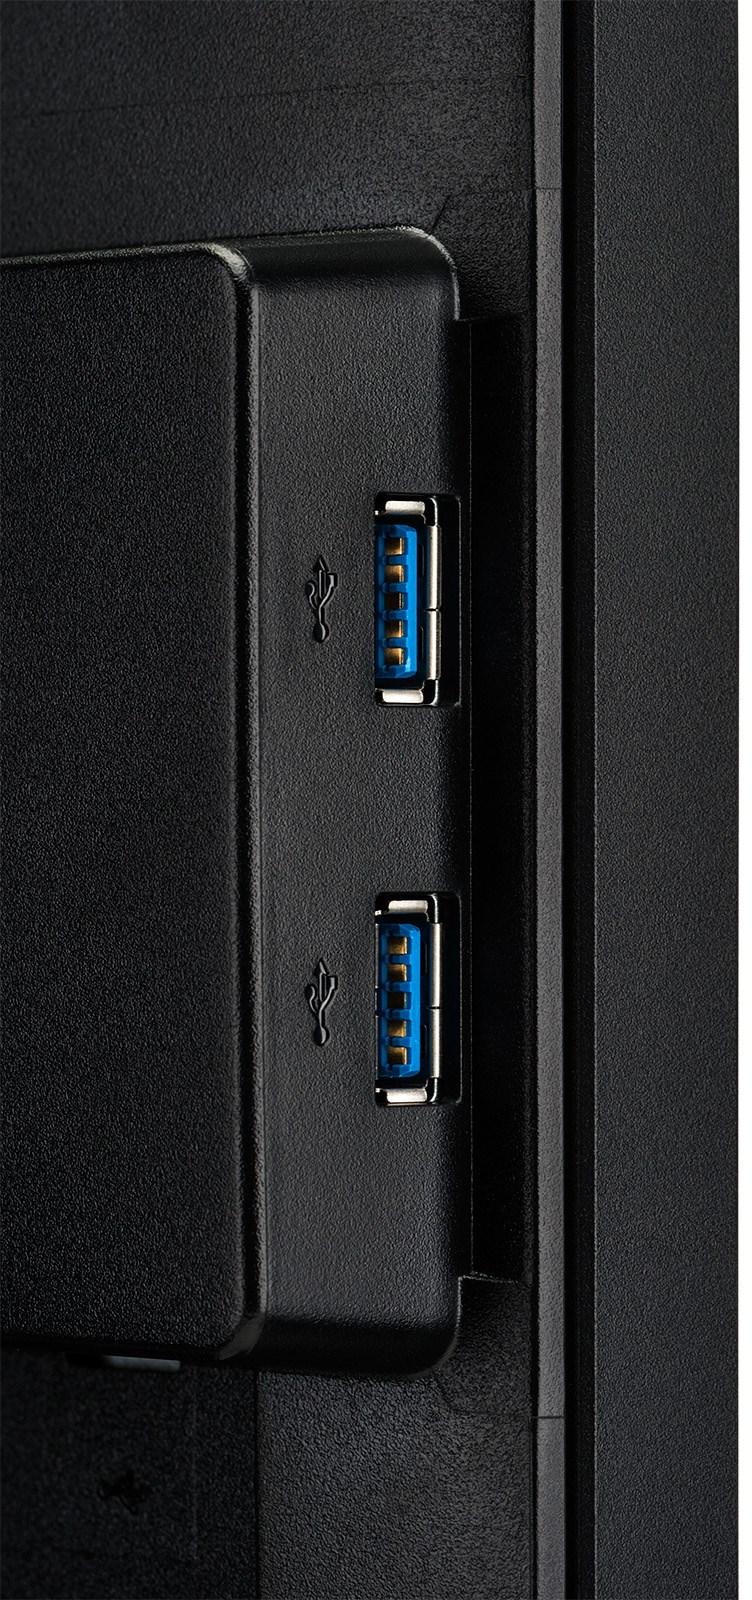 iiyama ProLite XUB2792QSU-B1 27 inch LED IPS Monitor - 2560 x 1440